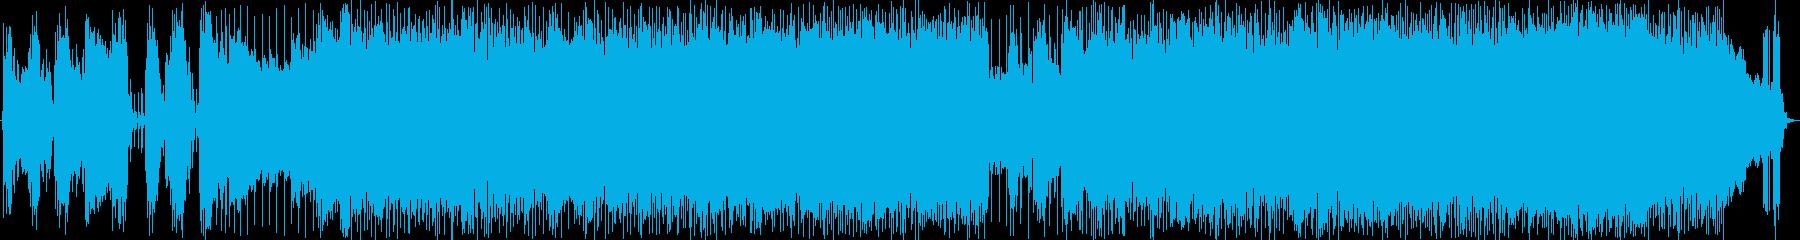 王道的なハードロックBGMの再生済みの波形